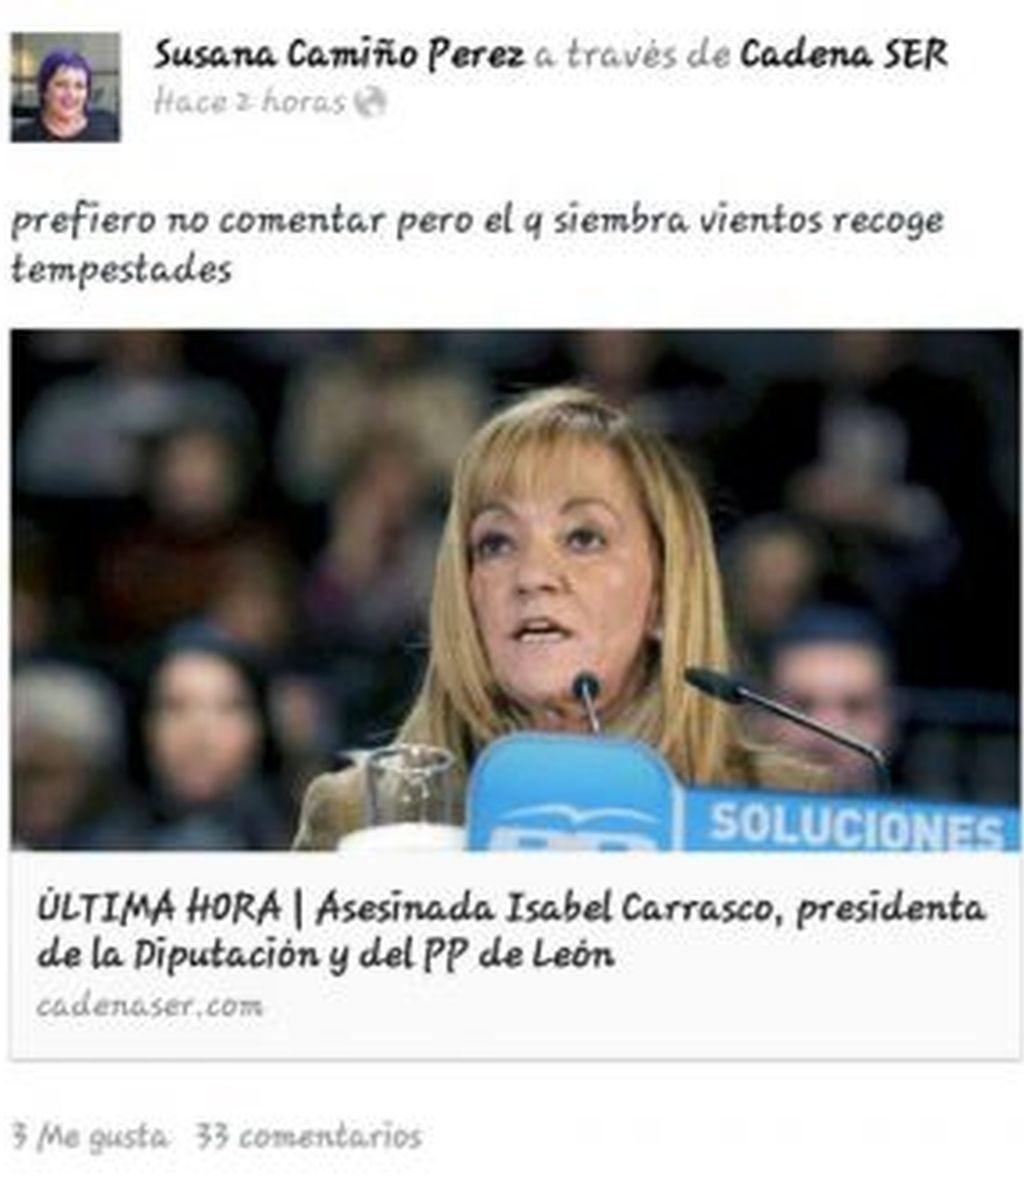 Dimite una concejal del PSdG de Vilagarcía por su comentario del asesinato de Carrasco